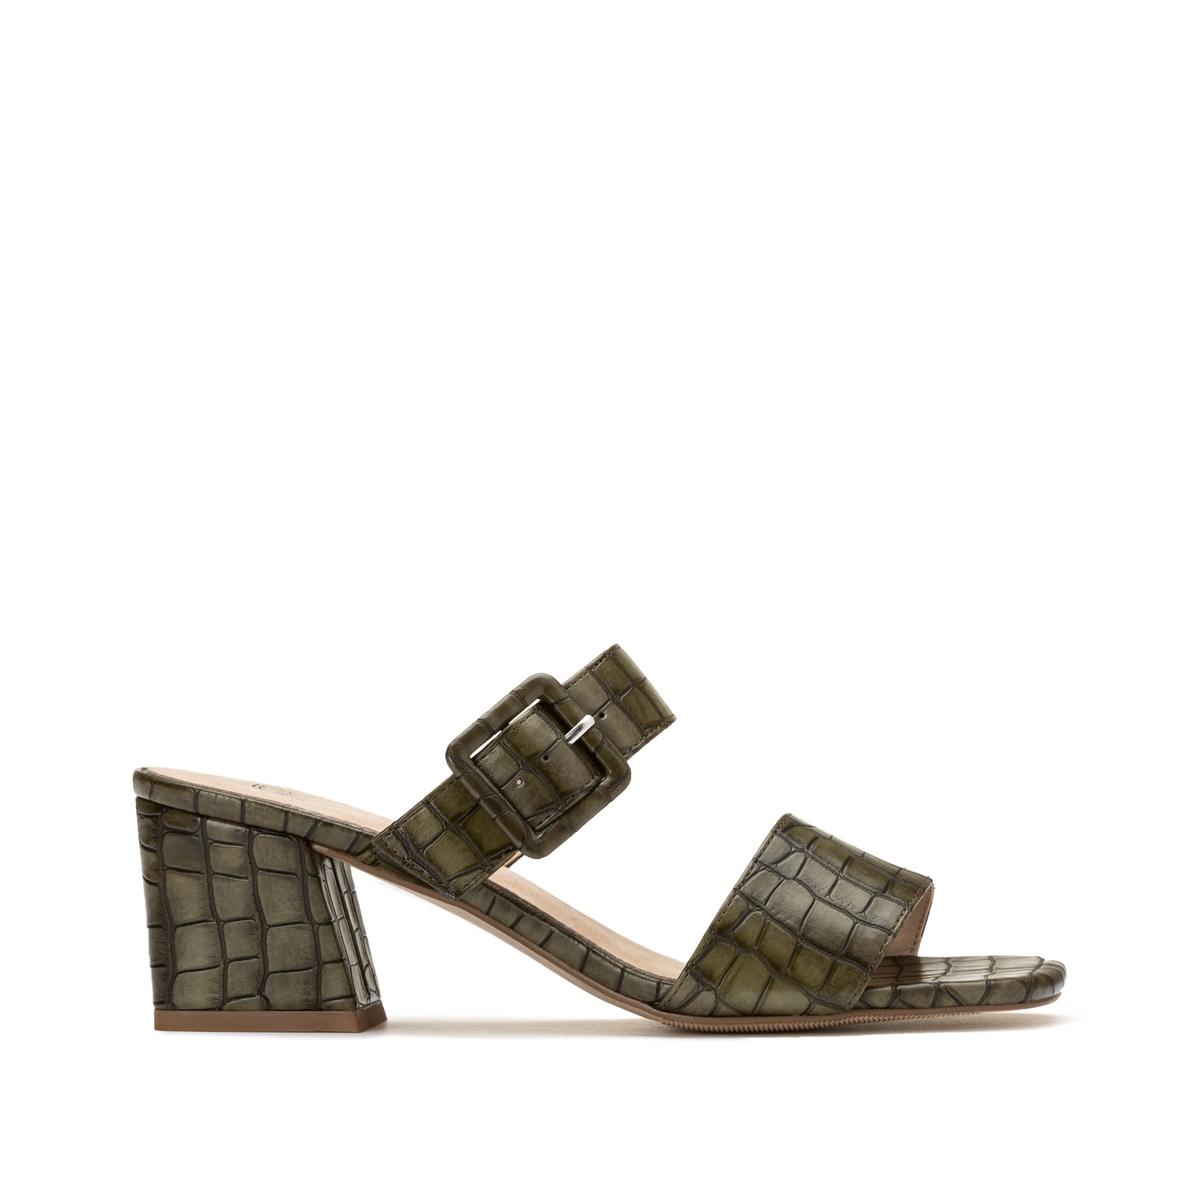 Туфли La Redoute Без задника под кожу крокодила на высоком каблуке 41 зеленый